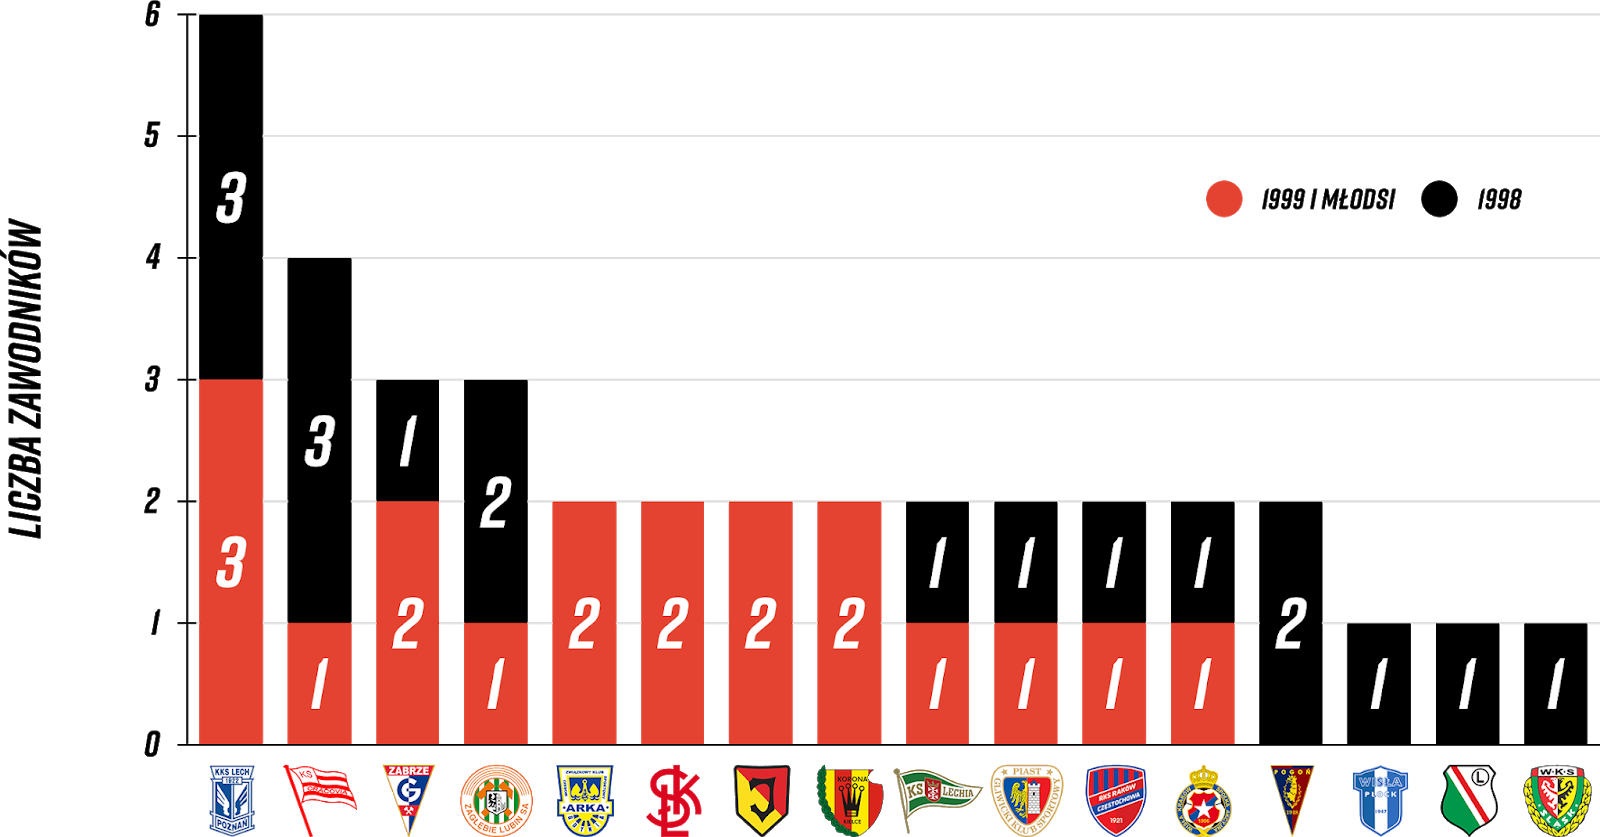 Młodzieżowcy w 9. kolejce PKO Ekstraklasy<br><br>Źródło: Opracowanie własne na podstawie ekstrastats.pl<br><br>graf. Bartosz Urban